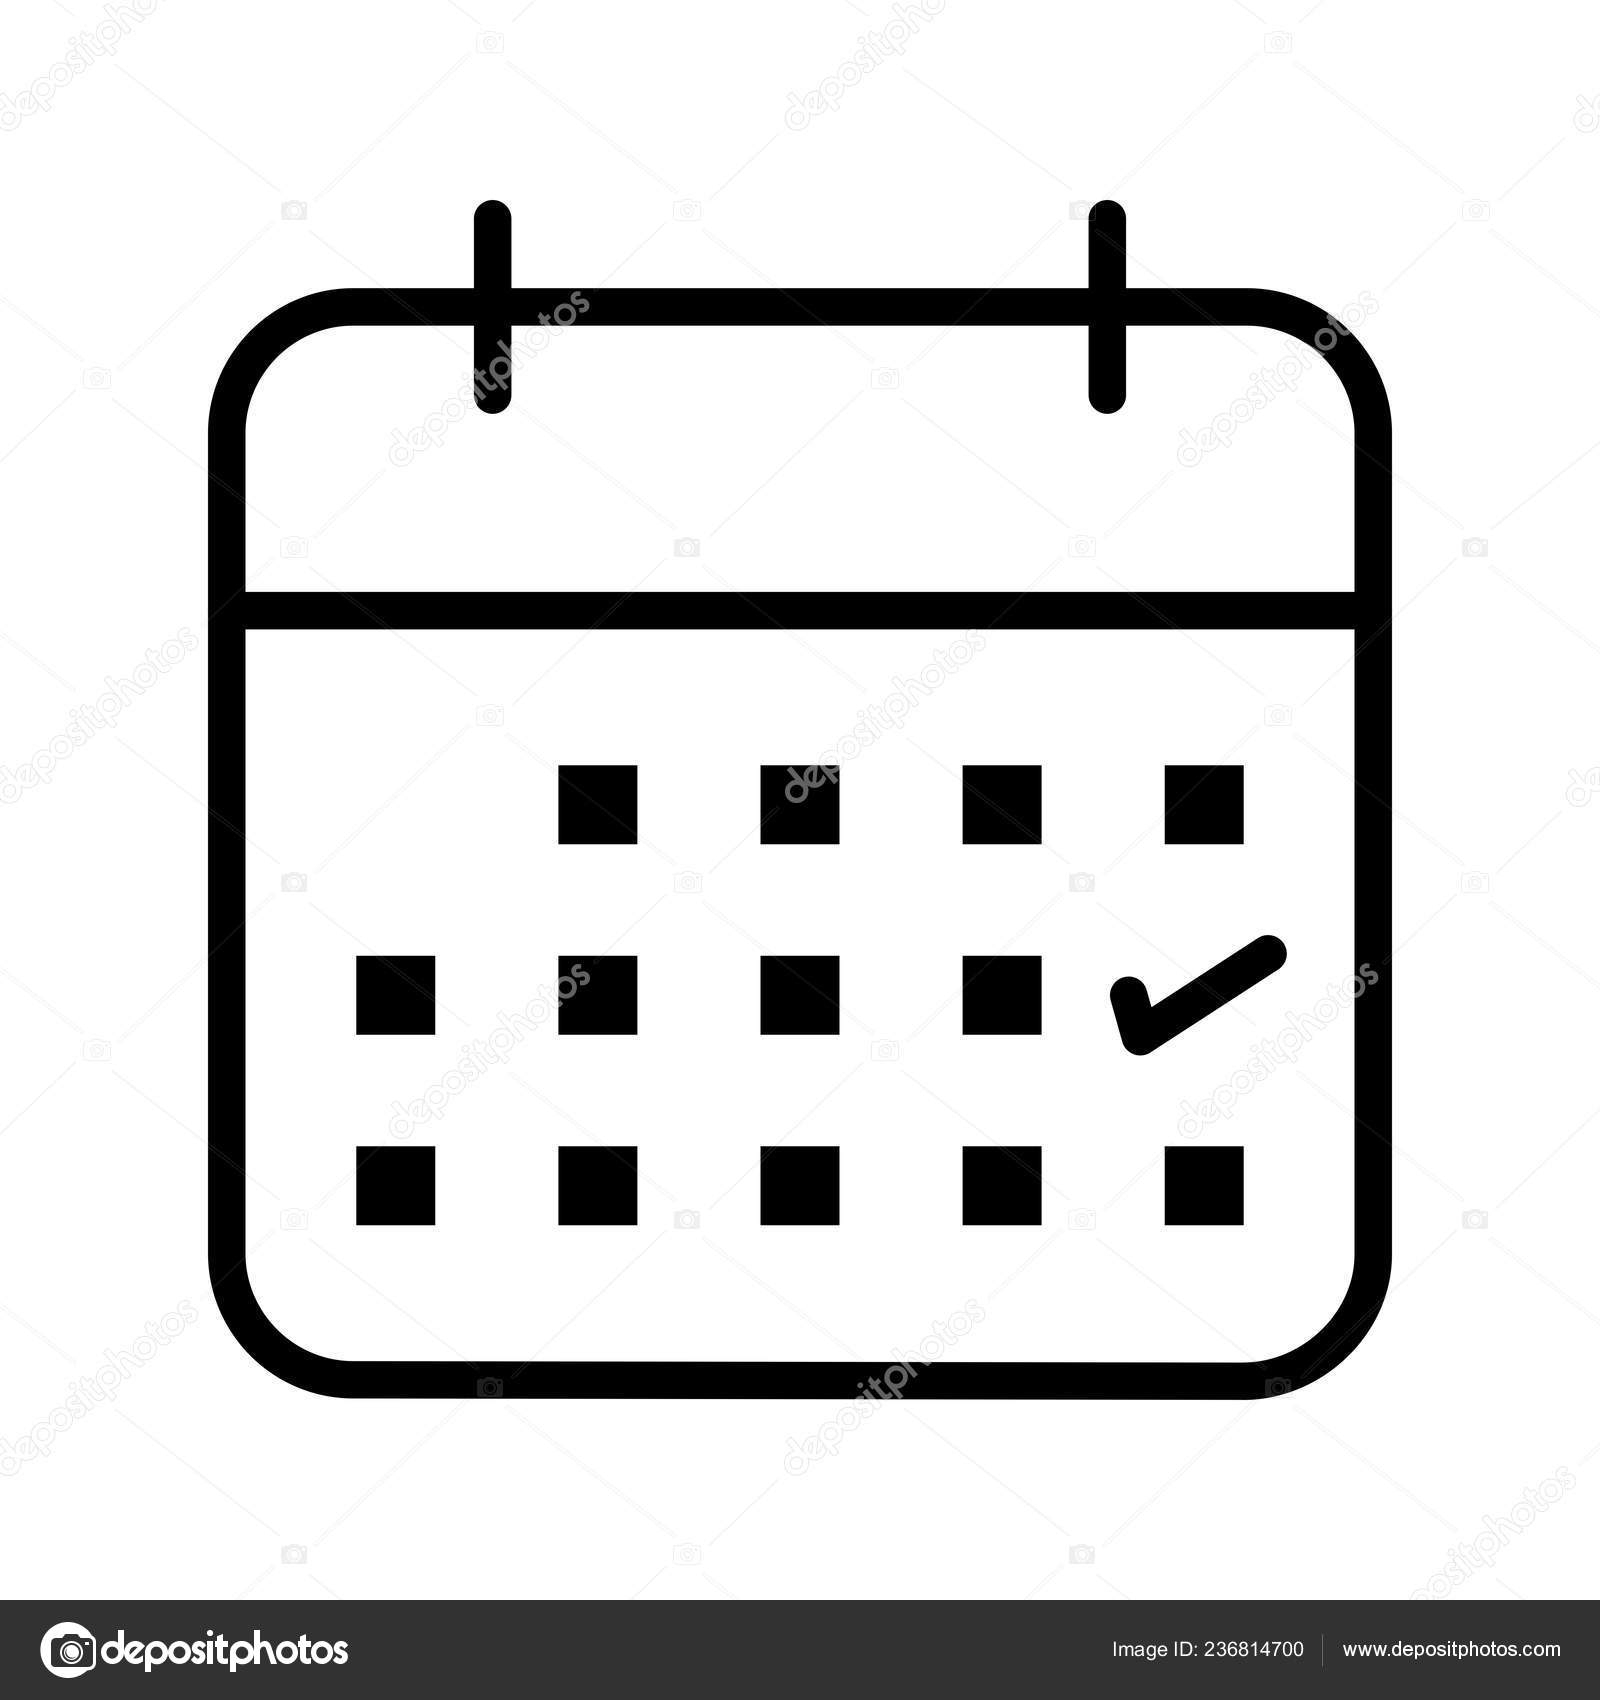 Business Calendar Vector Icon Sign Icon Vector Illustration inside Icon Calendar Vector